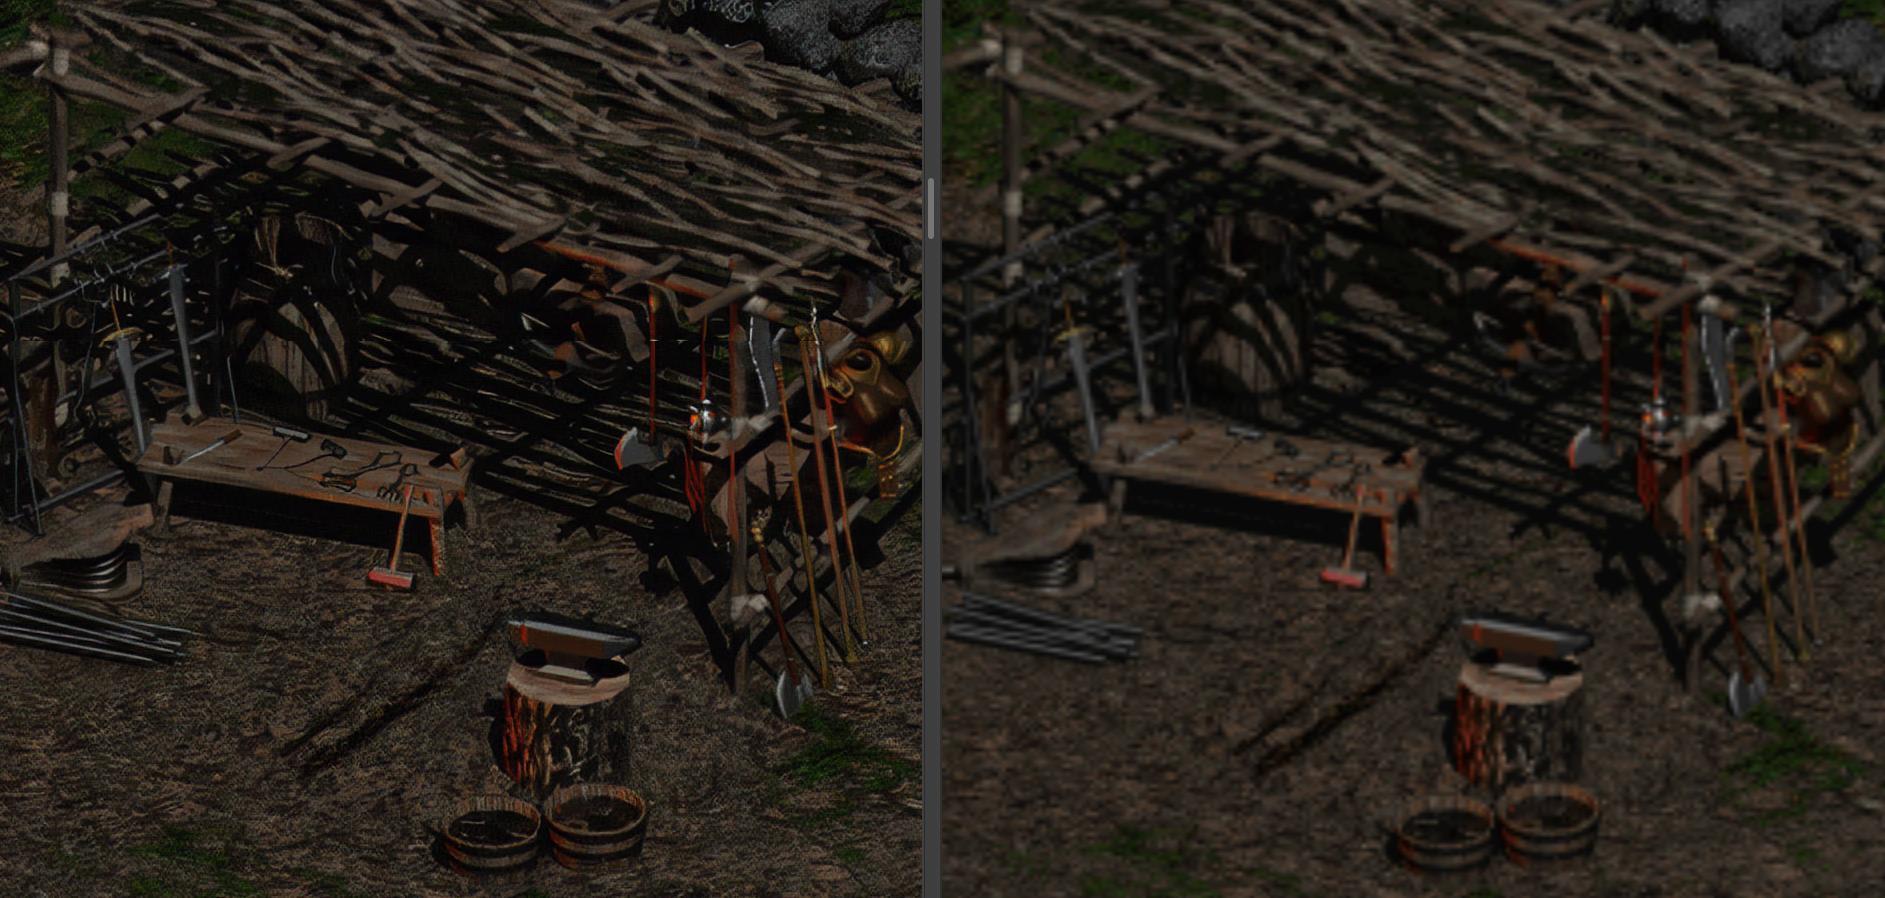 diablo 2 mod images